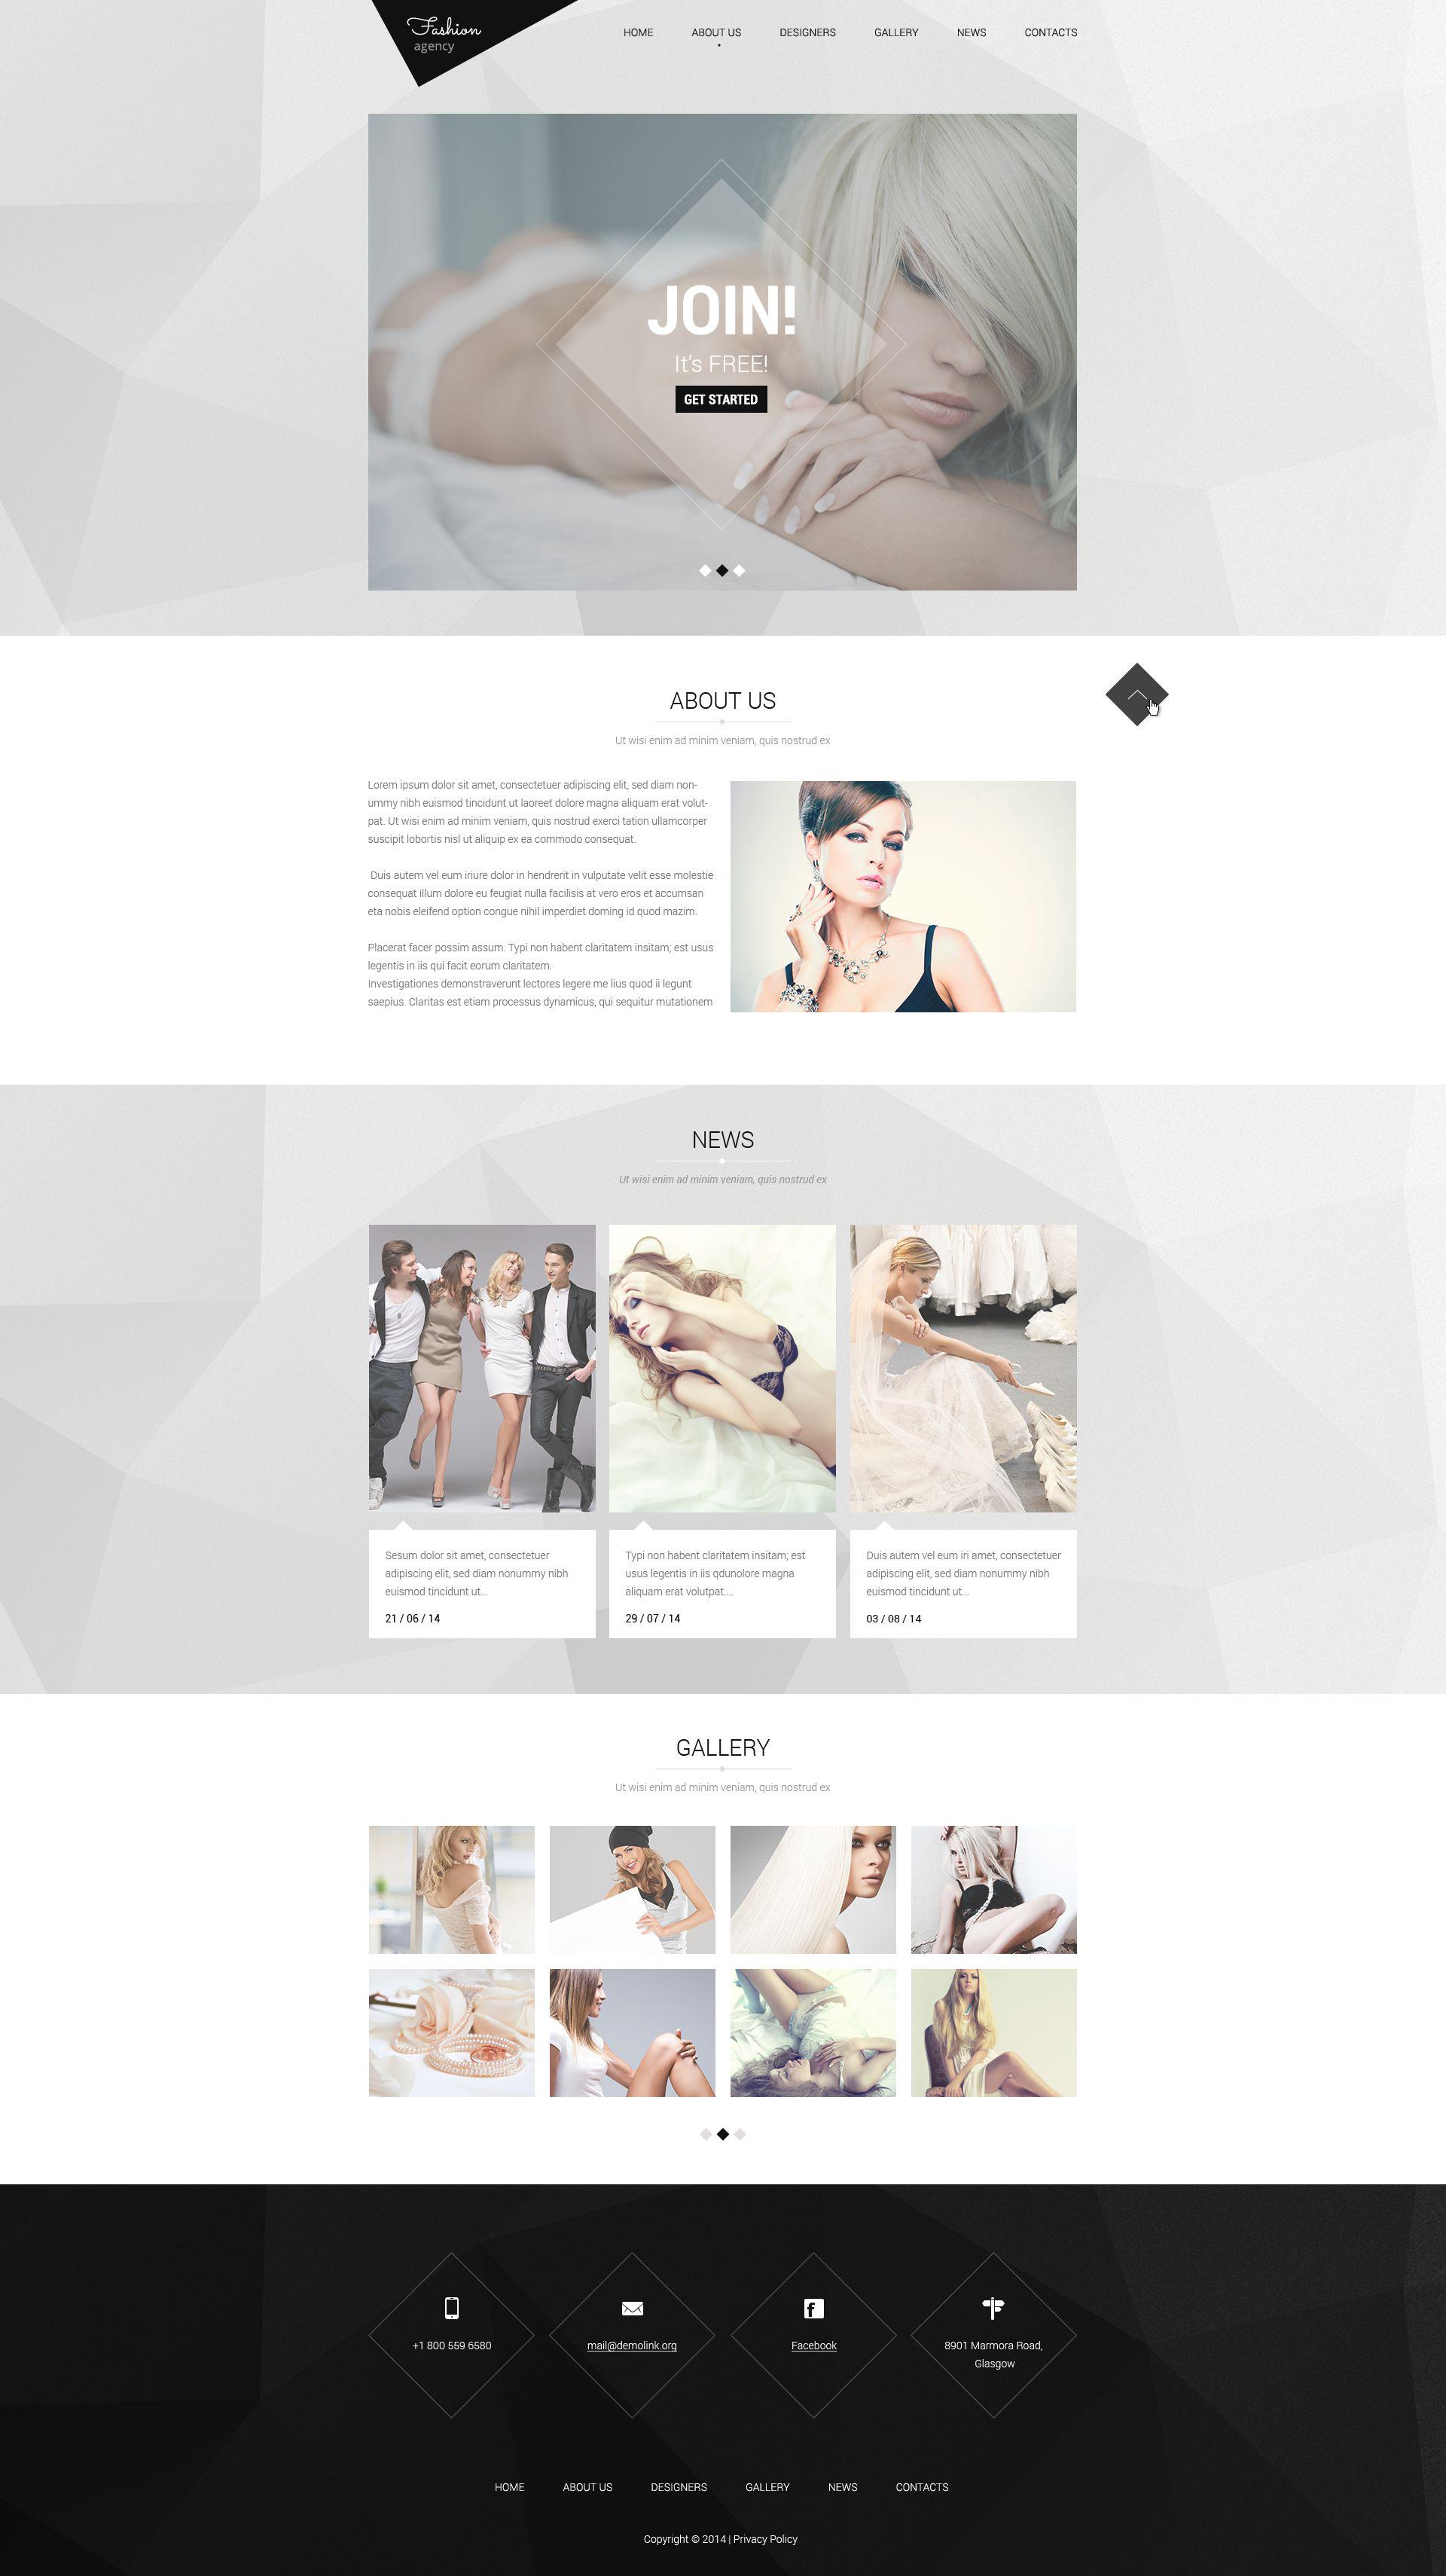 Modèle Web adaptatif pour agence de mannequins #51854